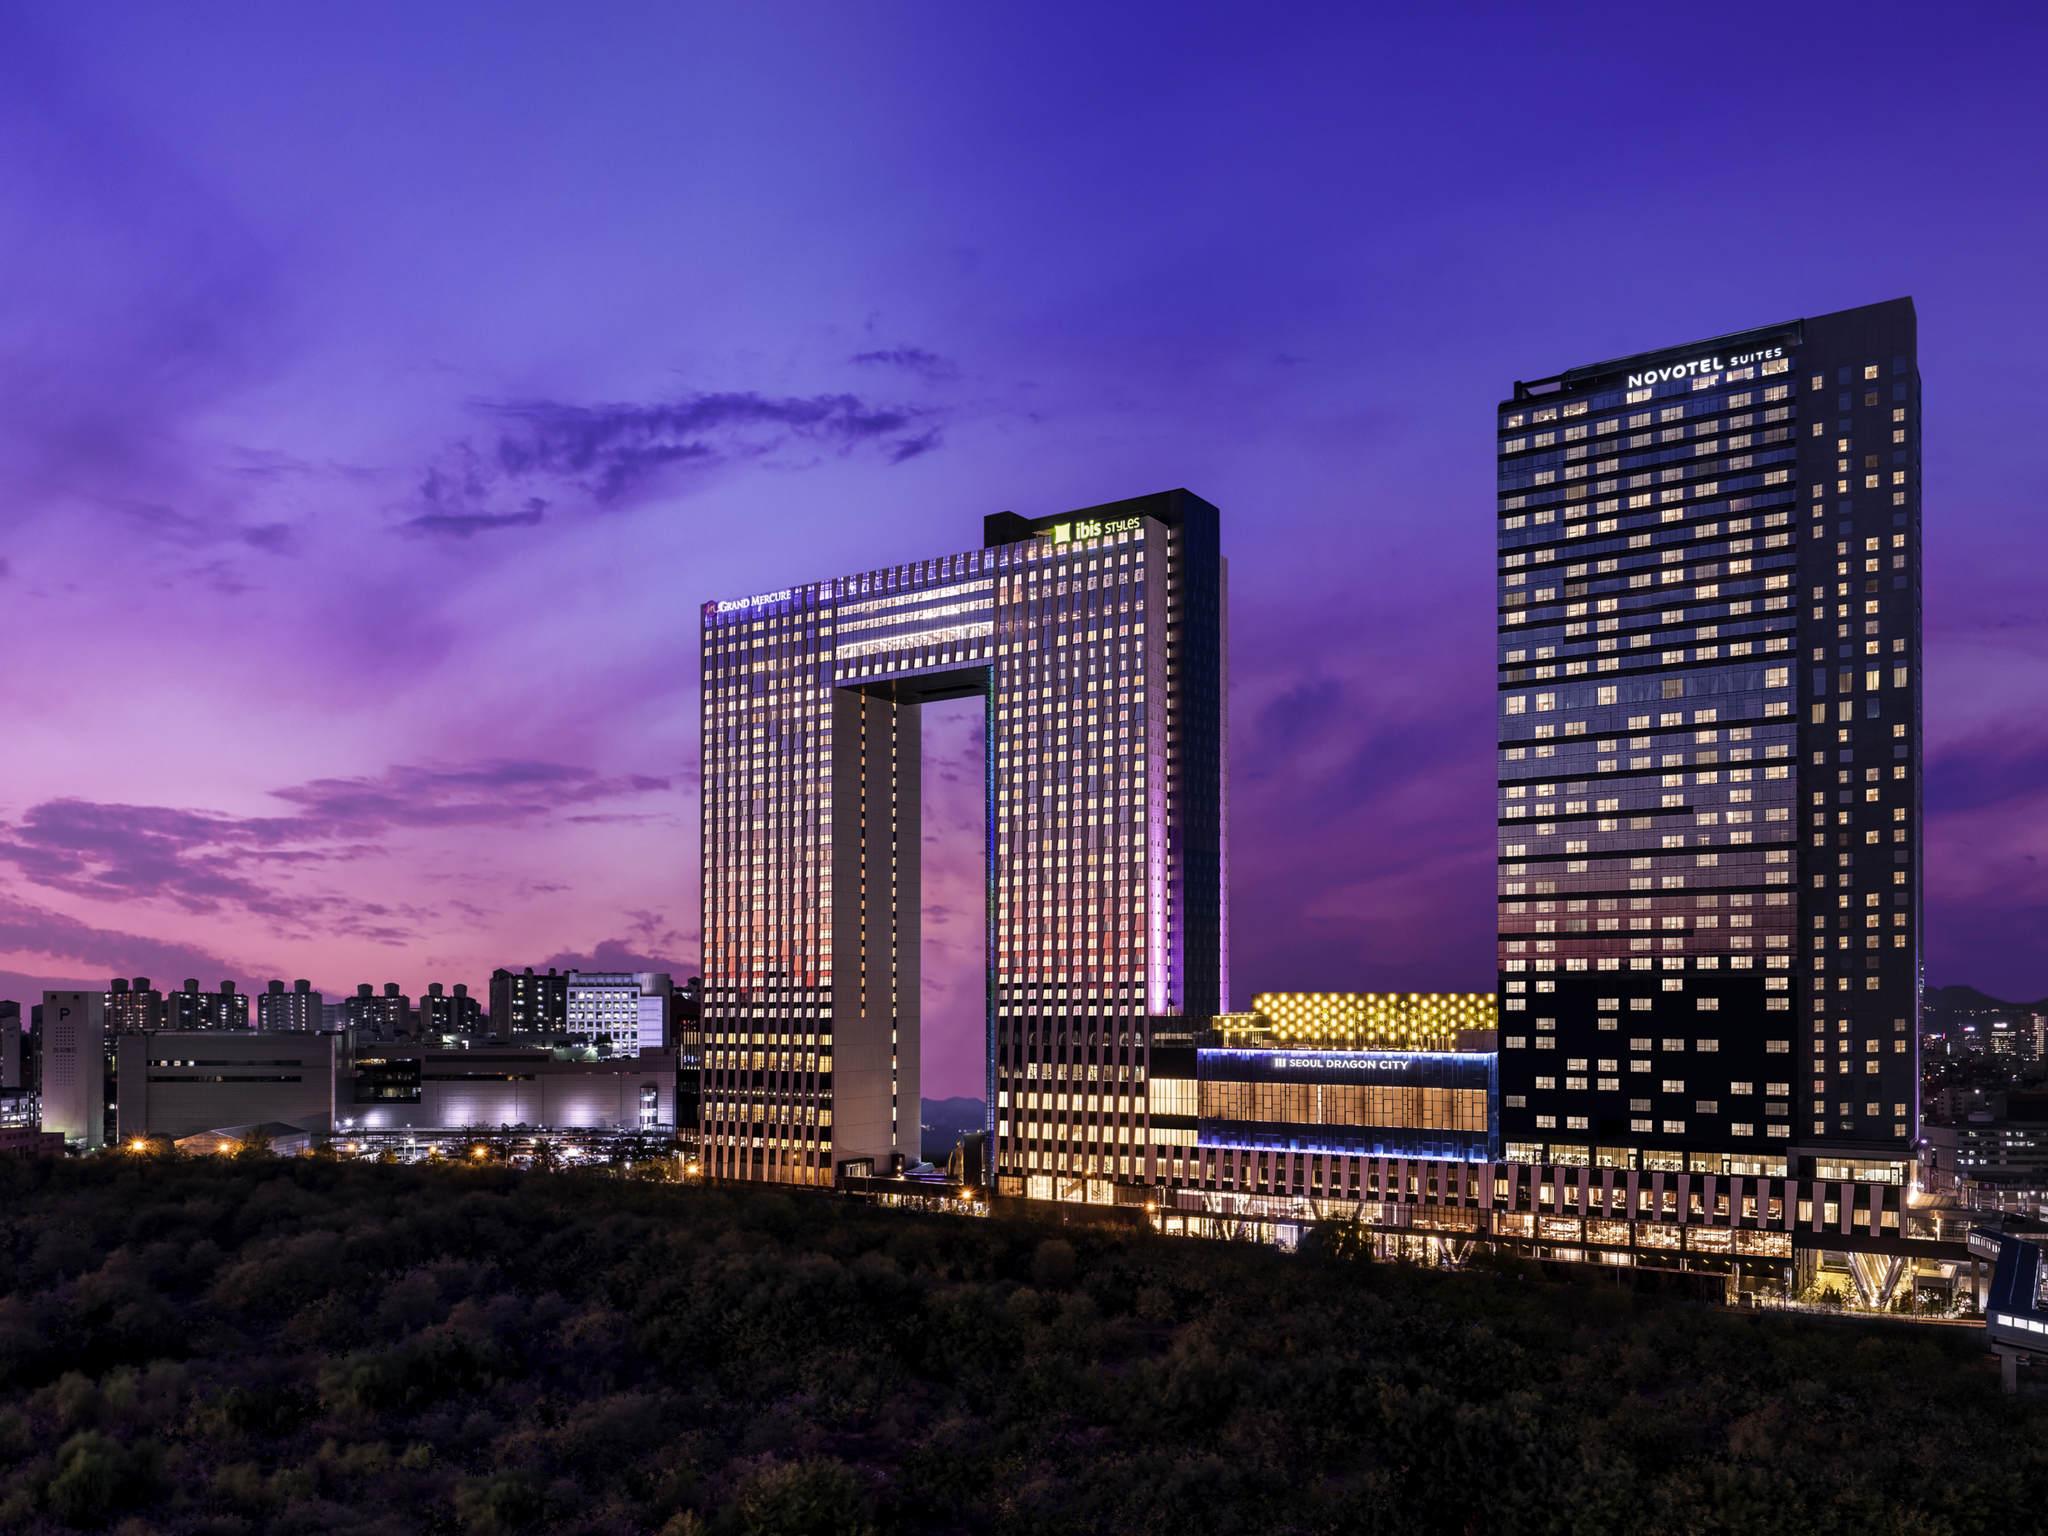 โรงแรม – โนโวเทล แอมบาสเดอร์ โซล ยงซาน - โซล ดราก้อน ซิตี้